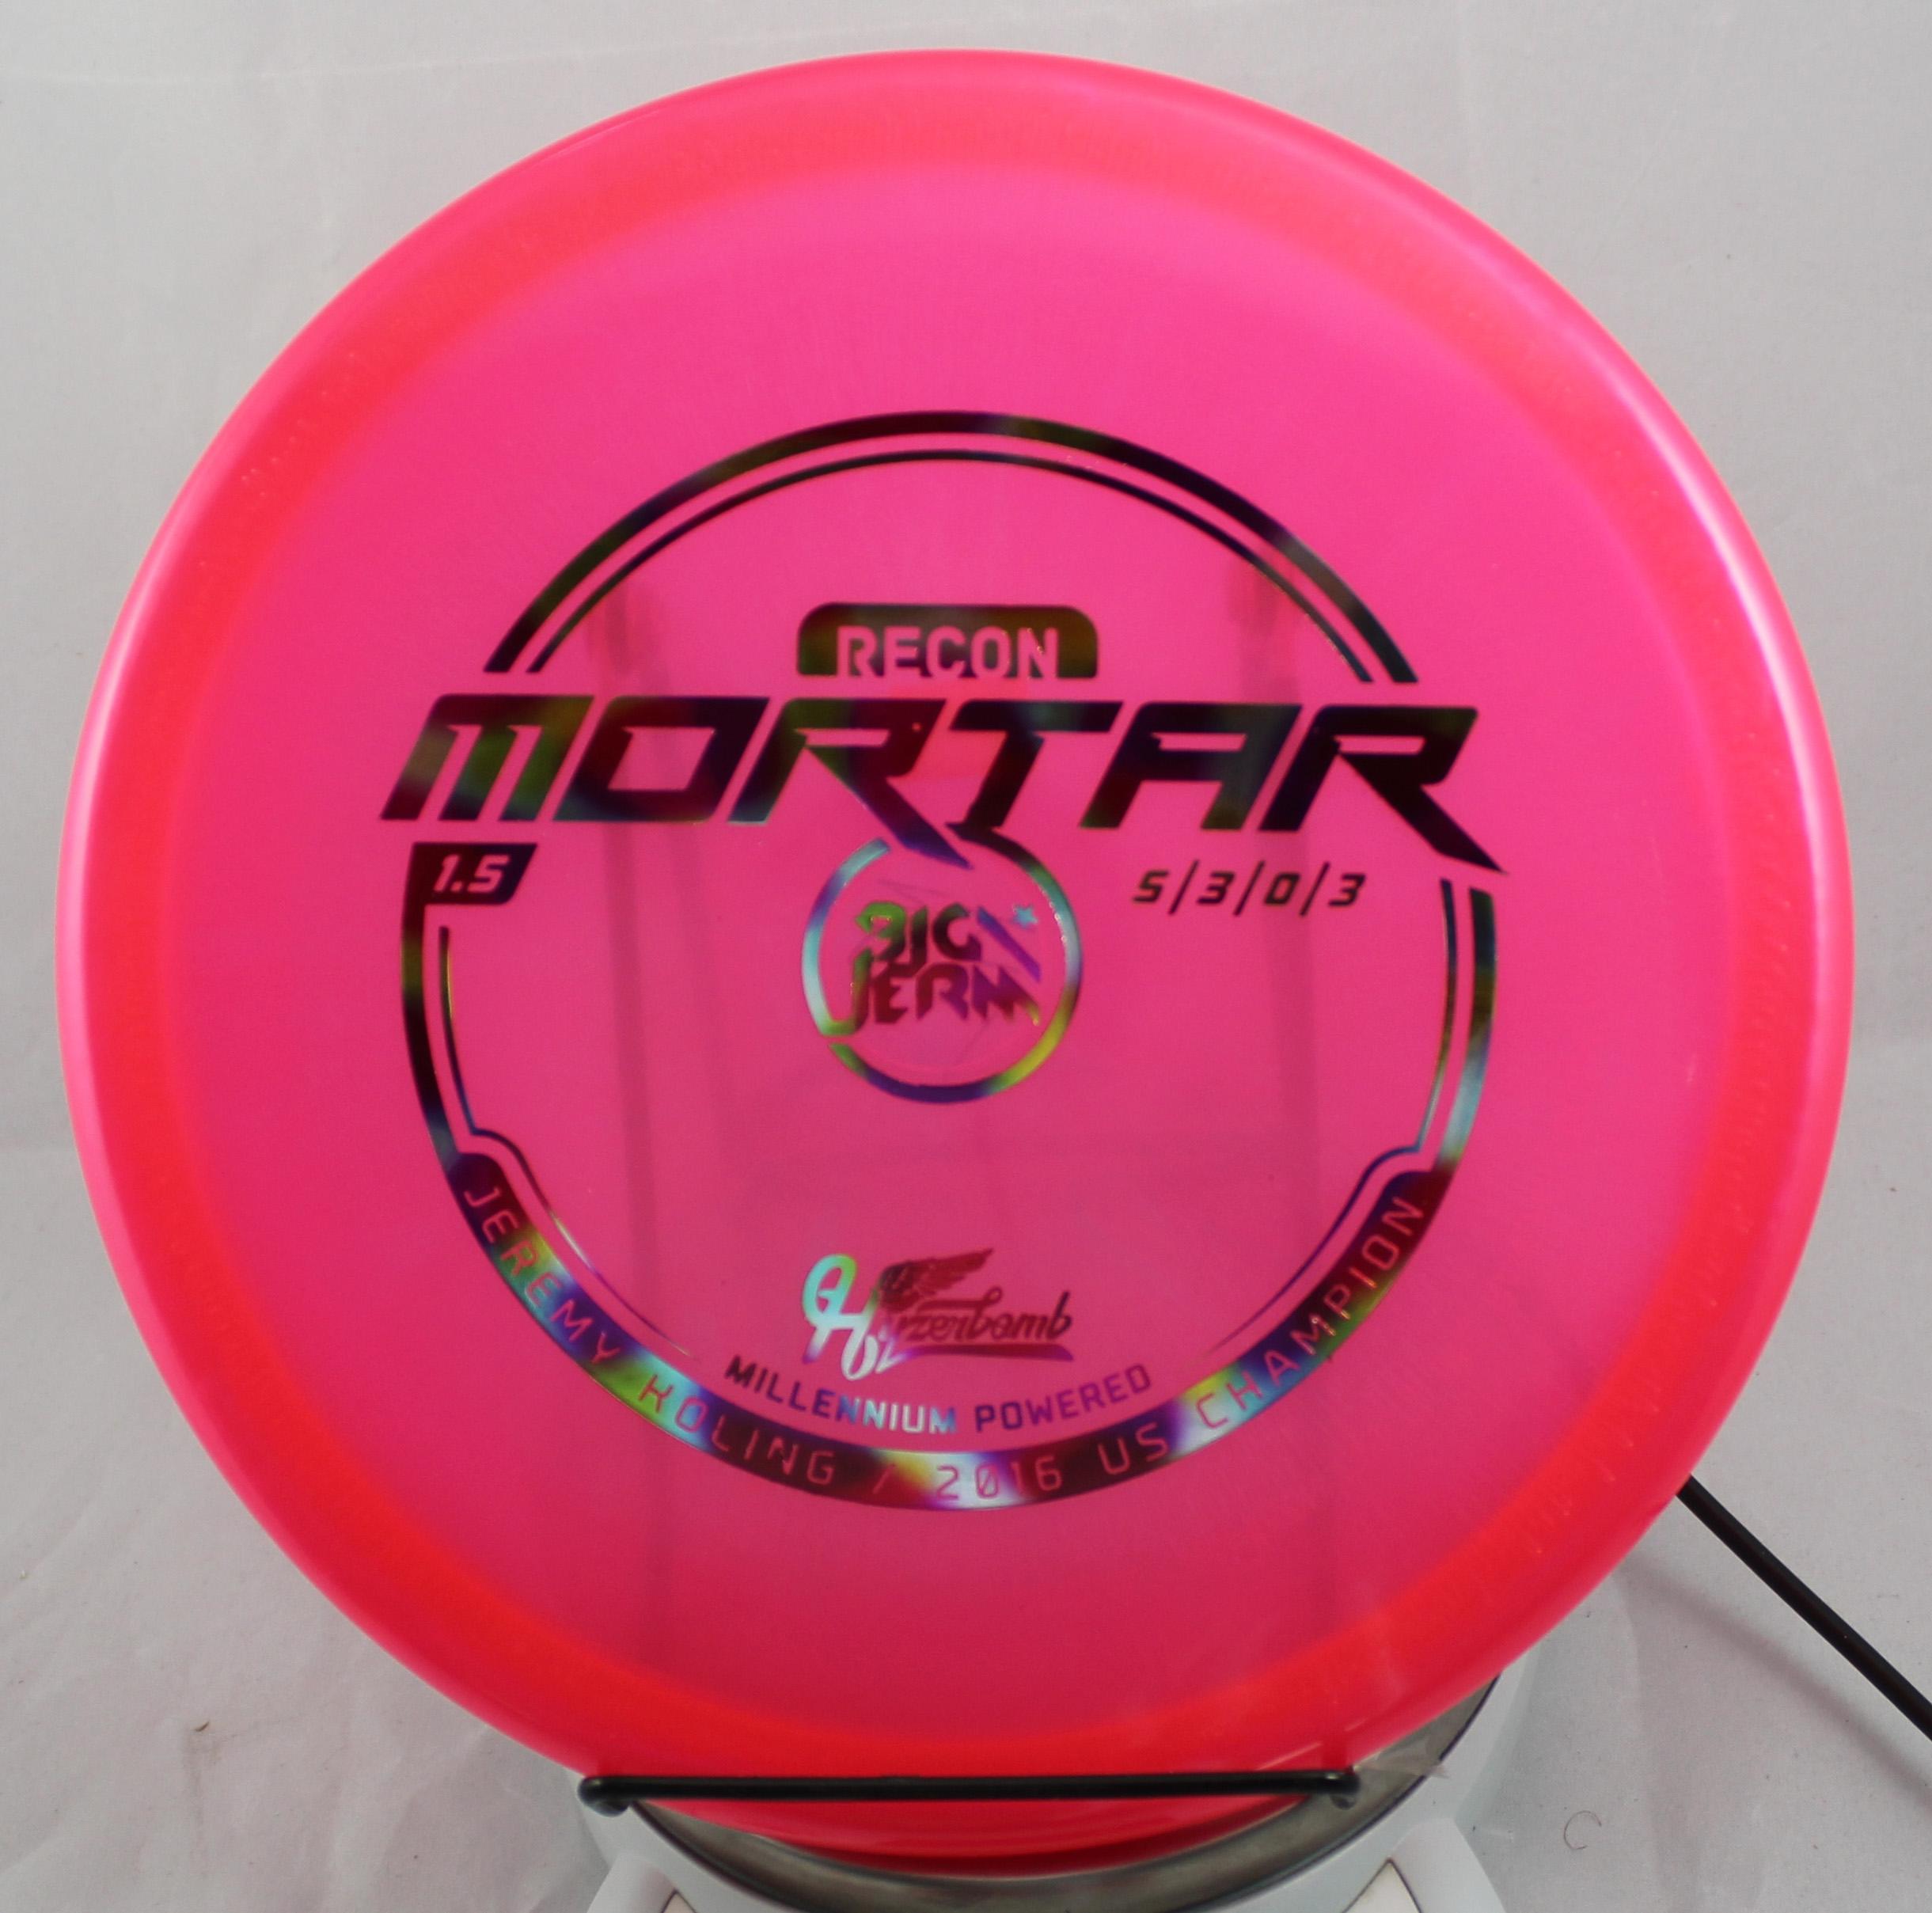 Recon Mortar, Big Jerm Run 1.5